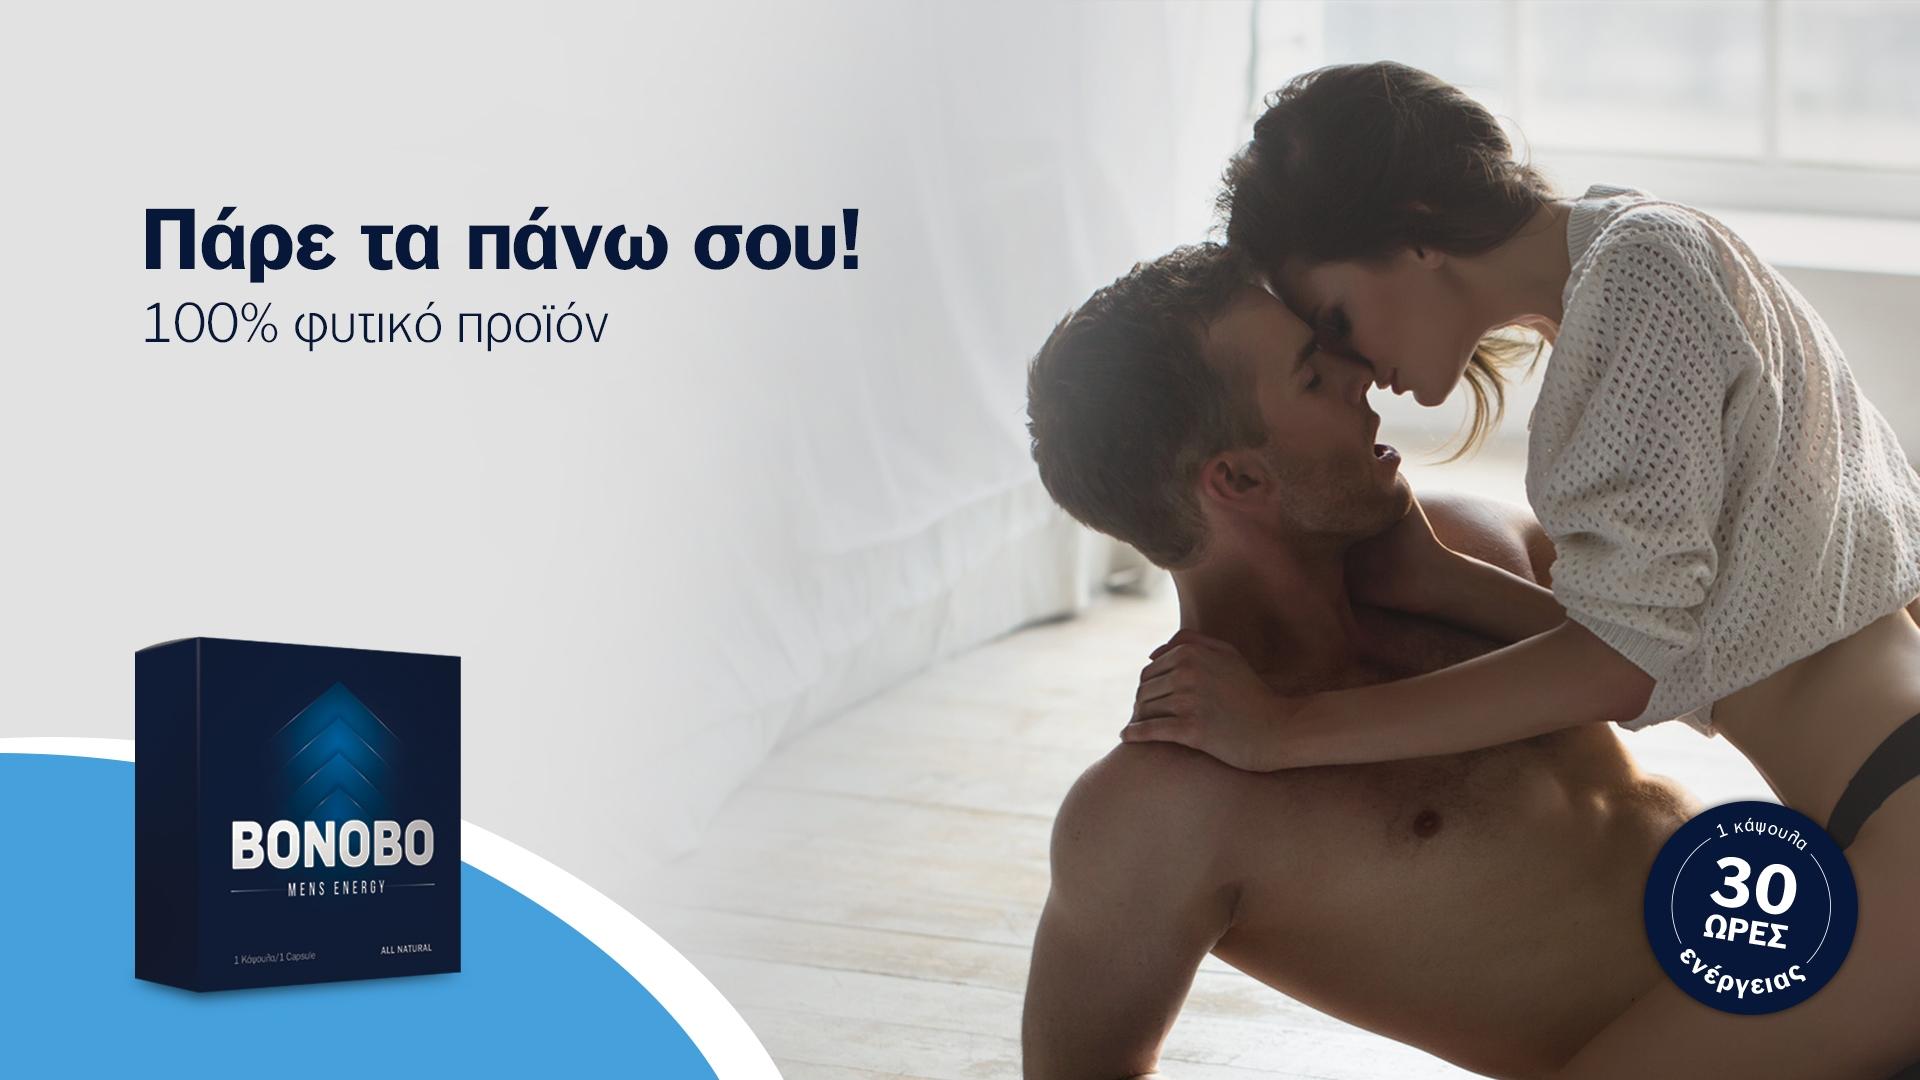 Εμφάνιση προϊόντων κατηγορίας Σεξουαλική Ευεξία/Προφύλαξη